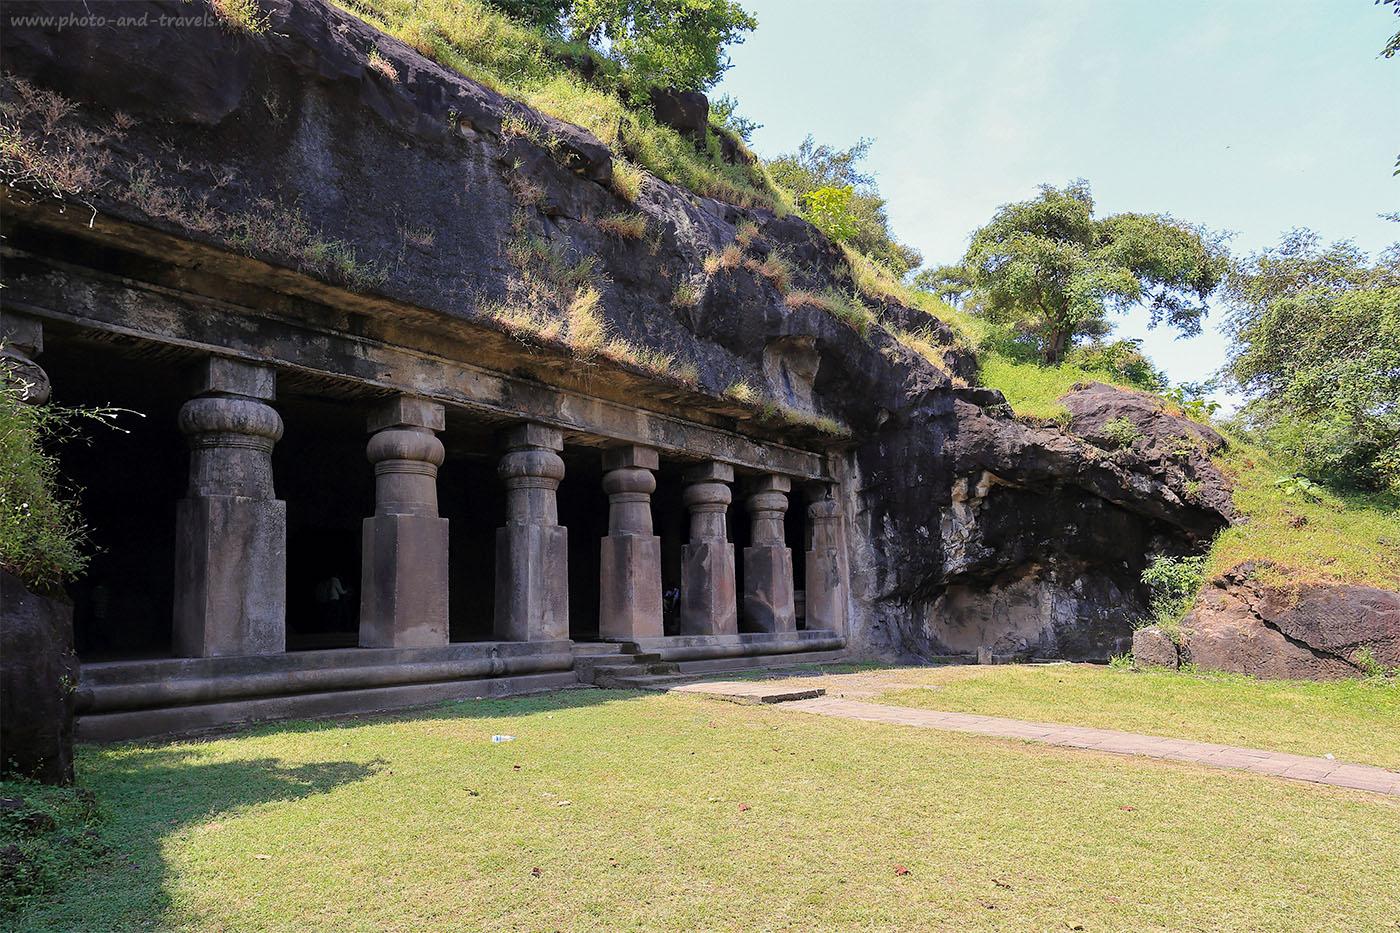 18. Вход в пещеру с восточной стороны.Поездка на экскурсии в Мумбаи в Индии (1125) (17-40,1/80, -1eV, f9, 17 mm, ISO 100)